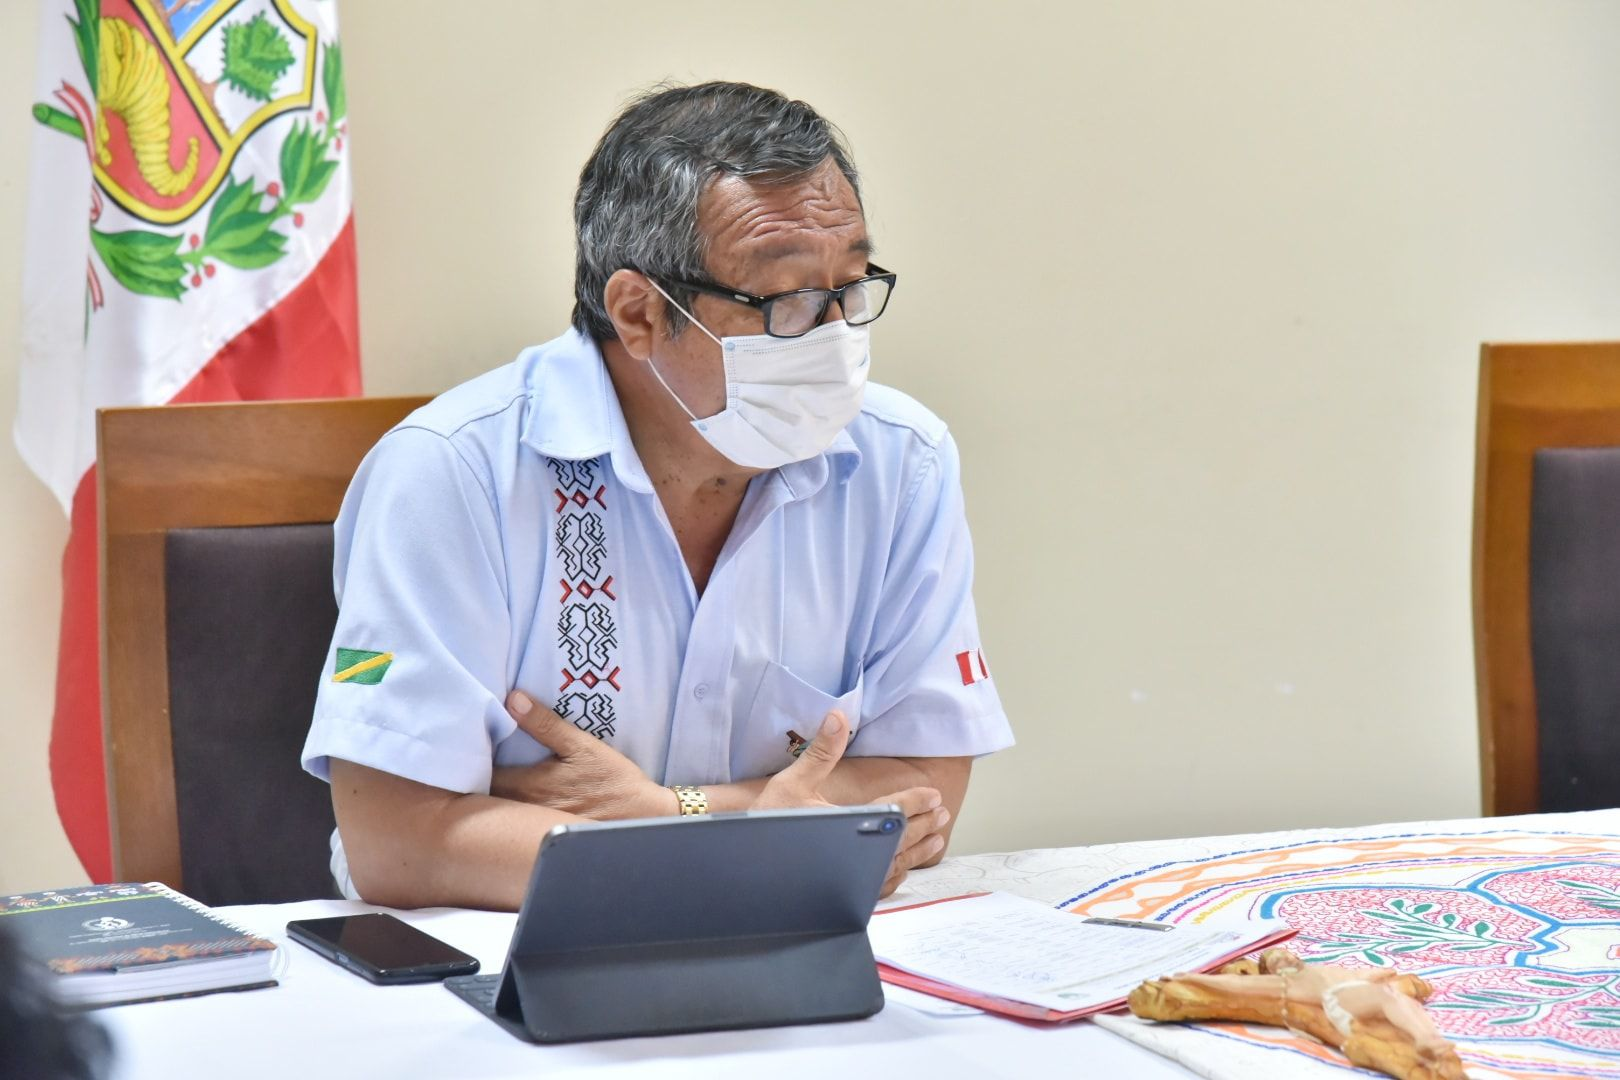 gobernador-de-madre-de-diosla-ivermectina-es-la-vacuna-de-los-pobres